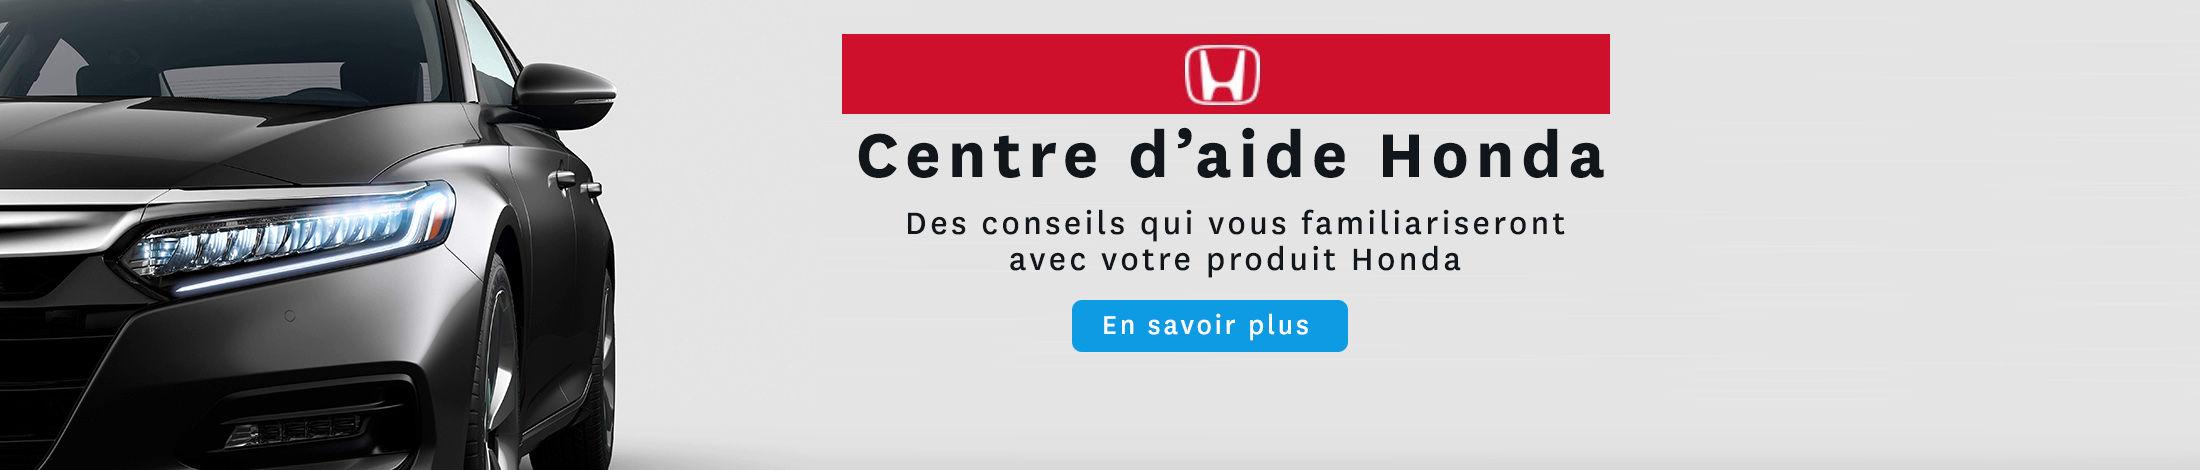 Centre d'aide Honda